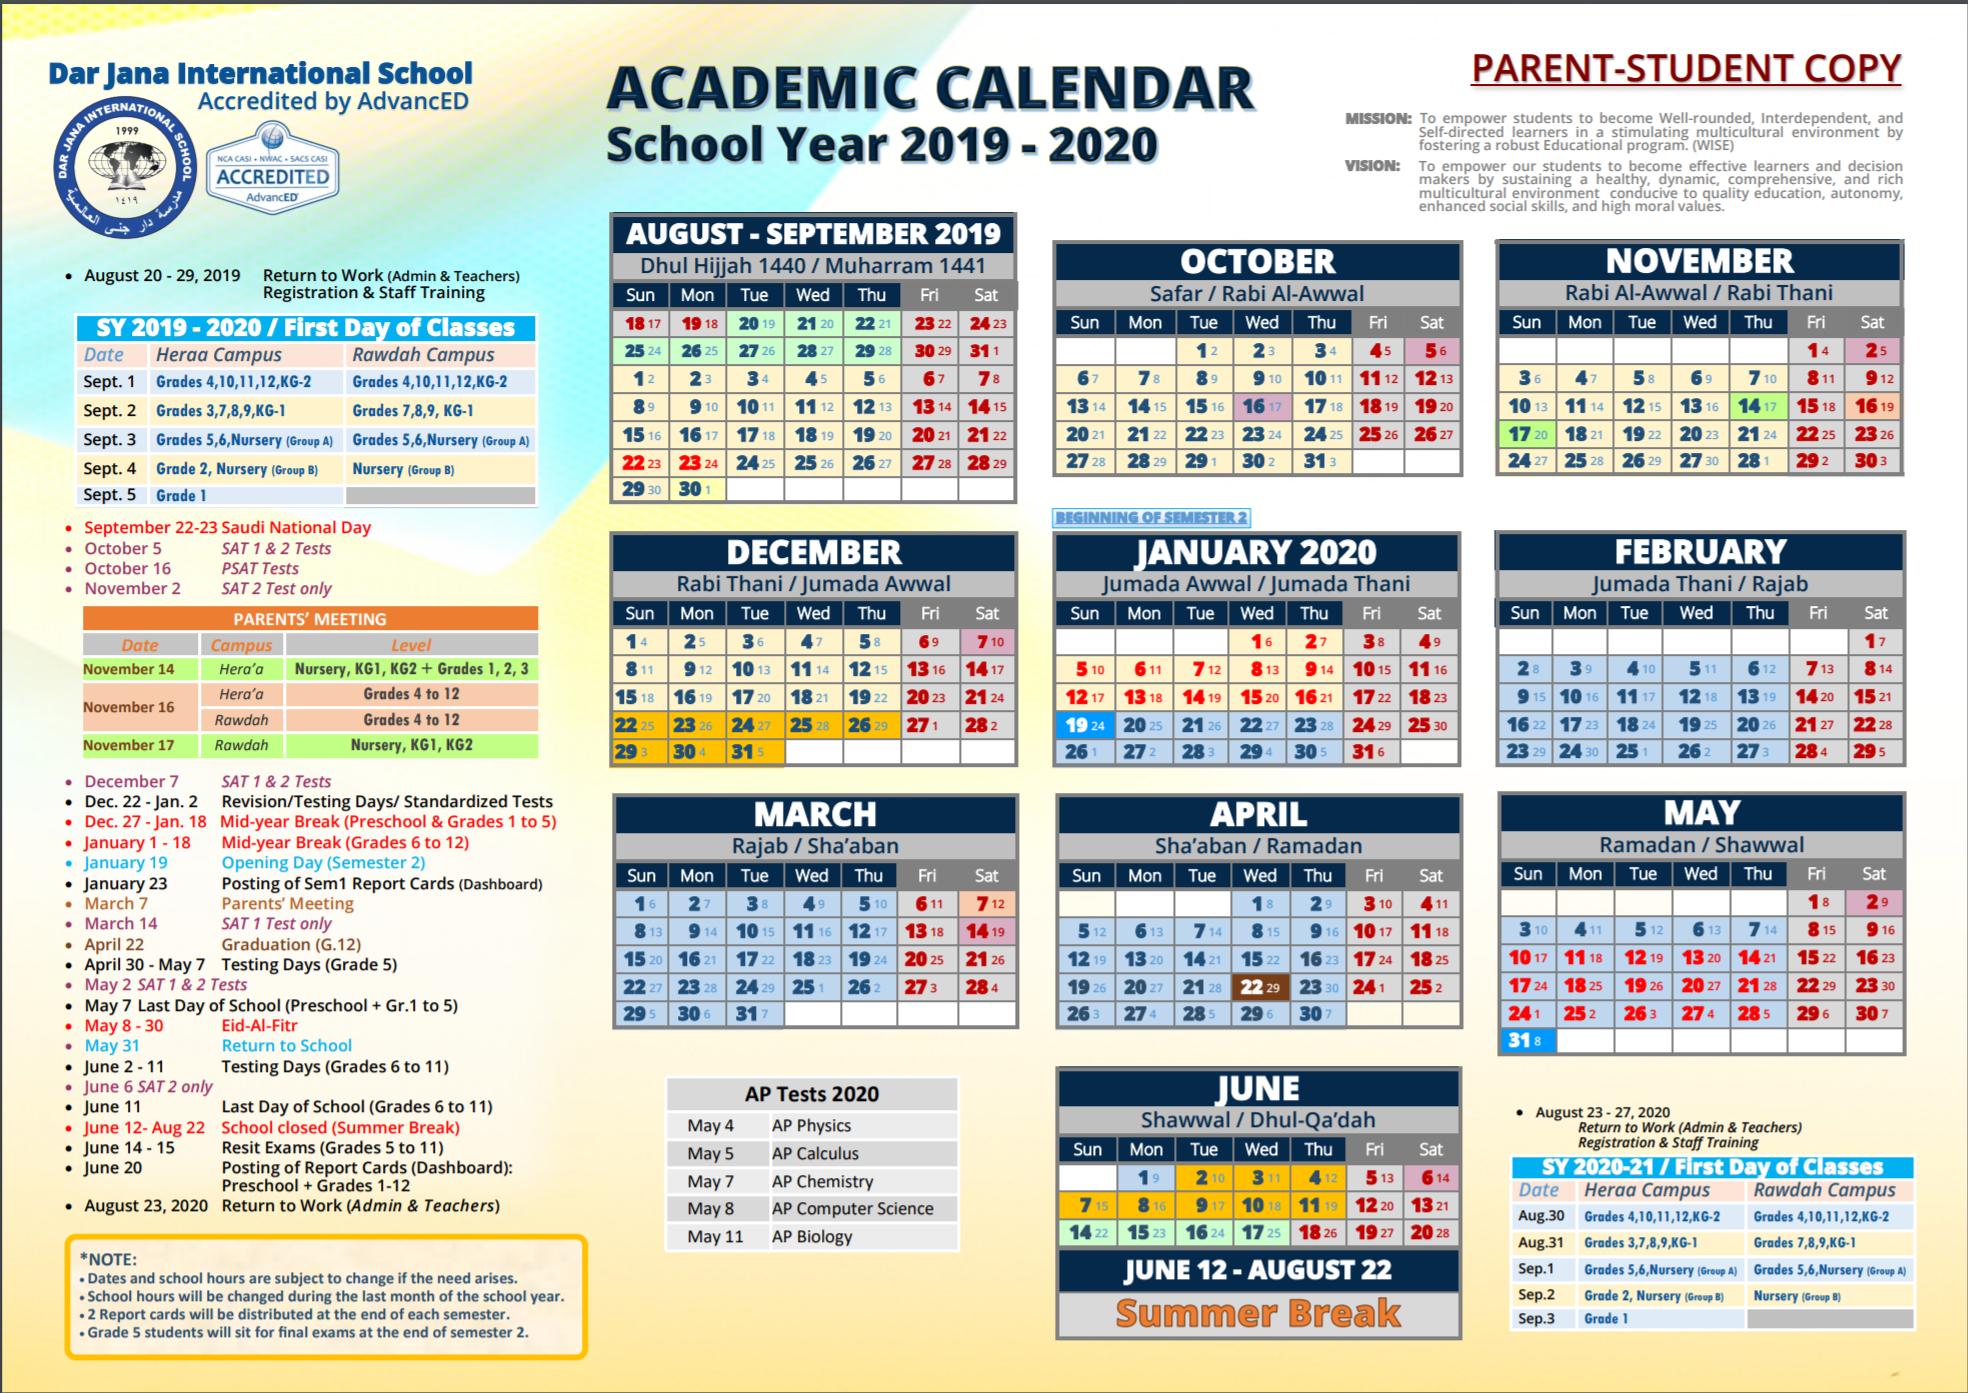 Academic Calendar – Dar Jana